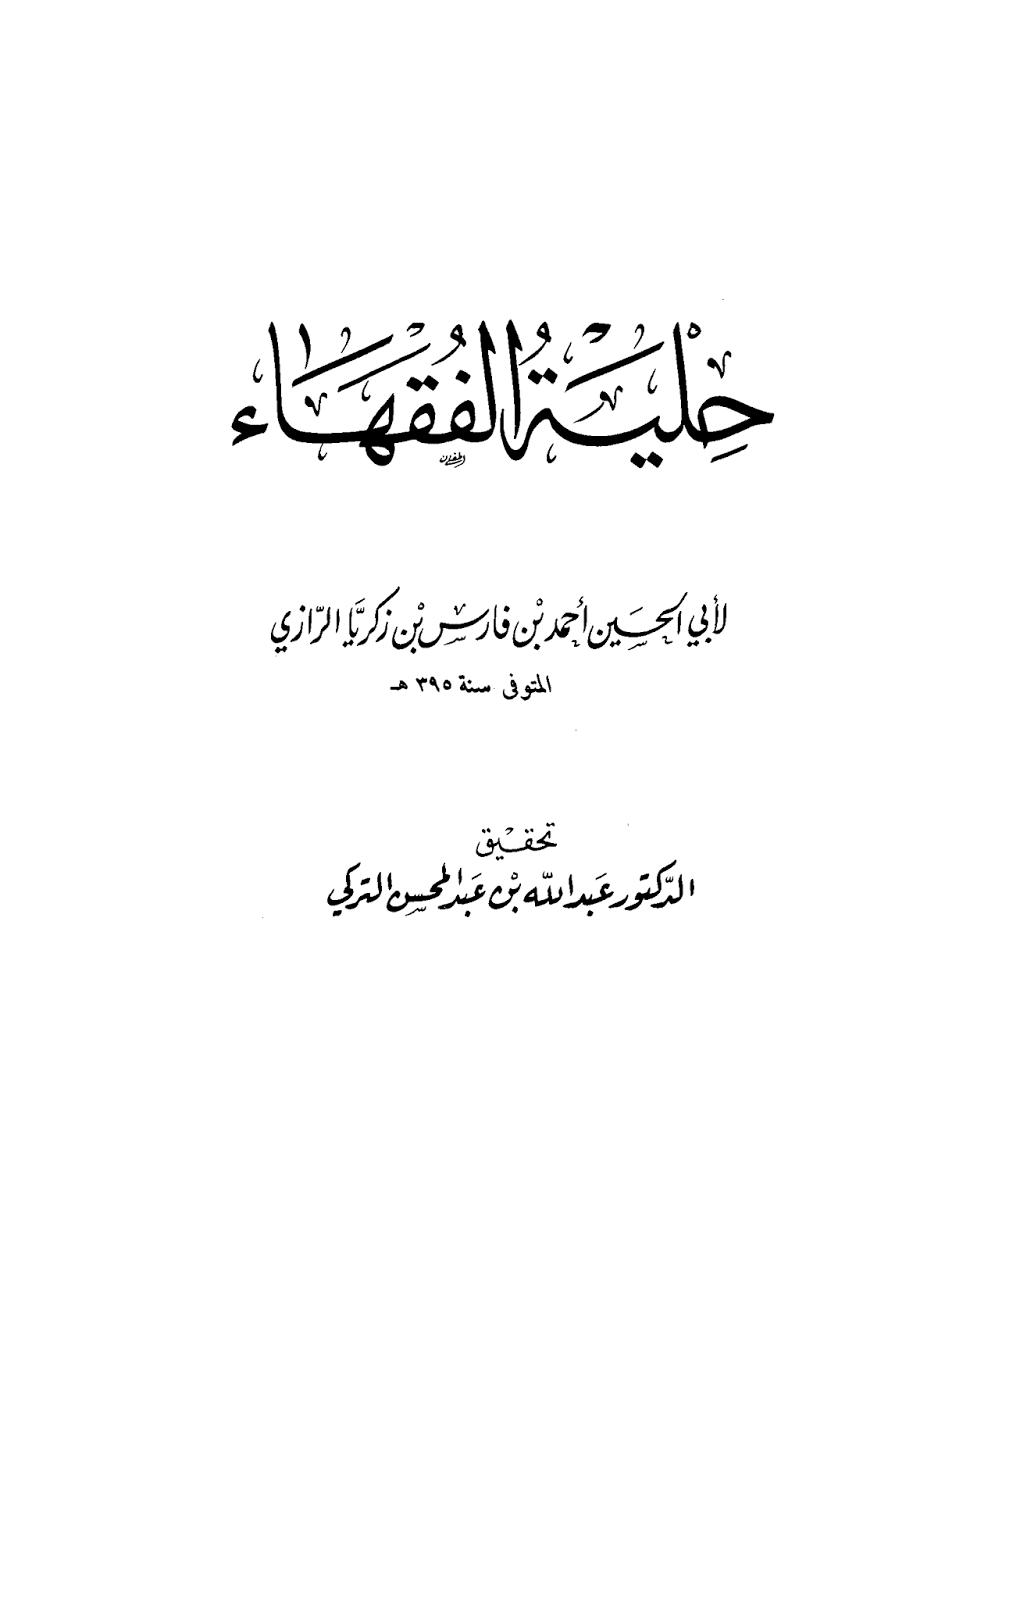 حلية الفقهاء - أحمد بن فارس بن زكرياء القزويني الرازي pdf